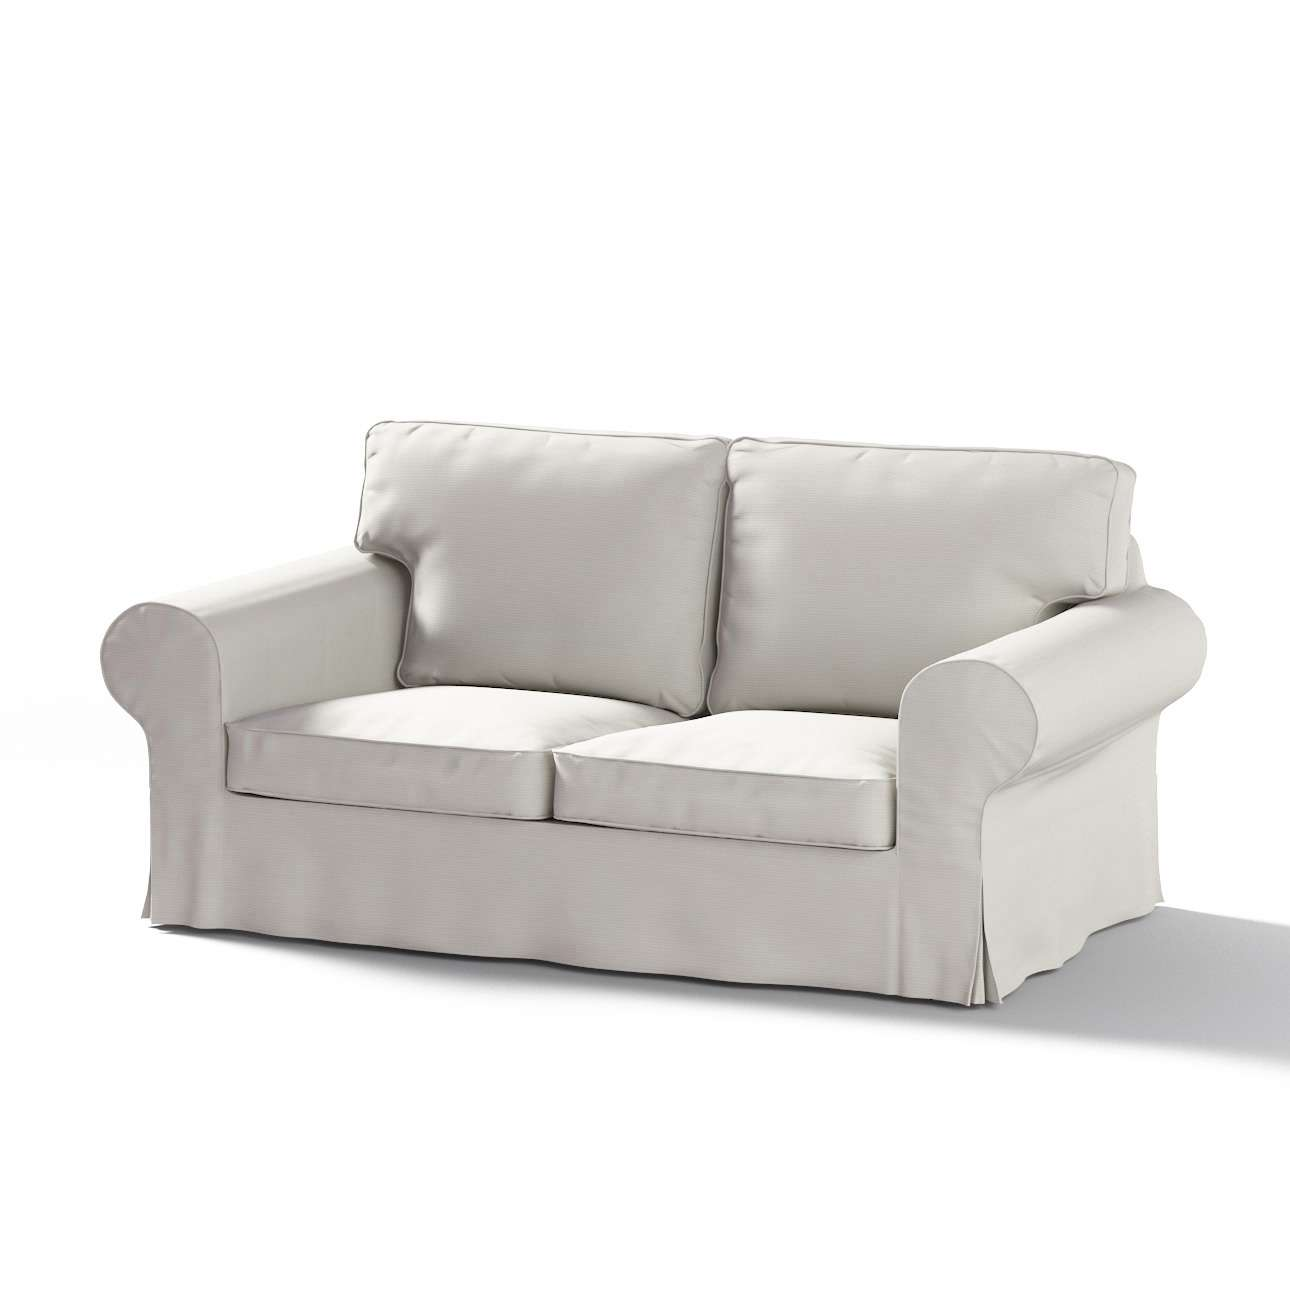 Pokrowiec na sofę Ektorp 2-osobową rozkładana NOWY MODEL 2012 w kolekcji Cotton Panama, tkanina: 702-31